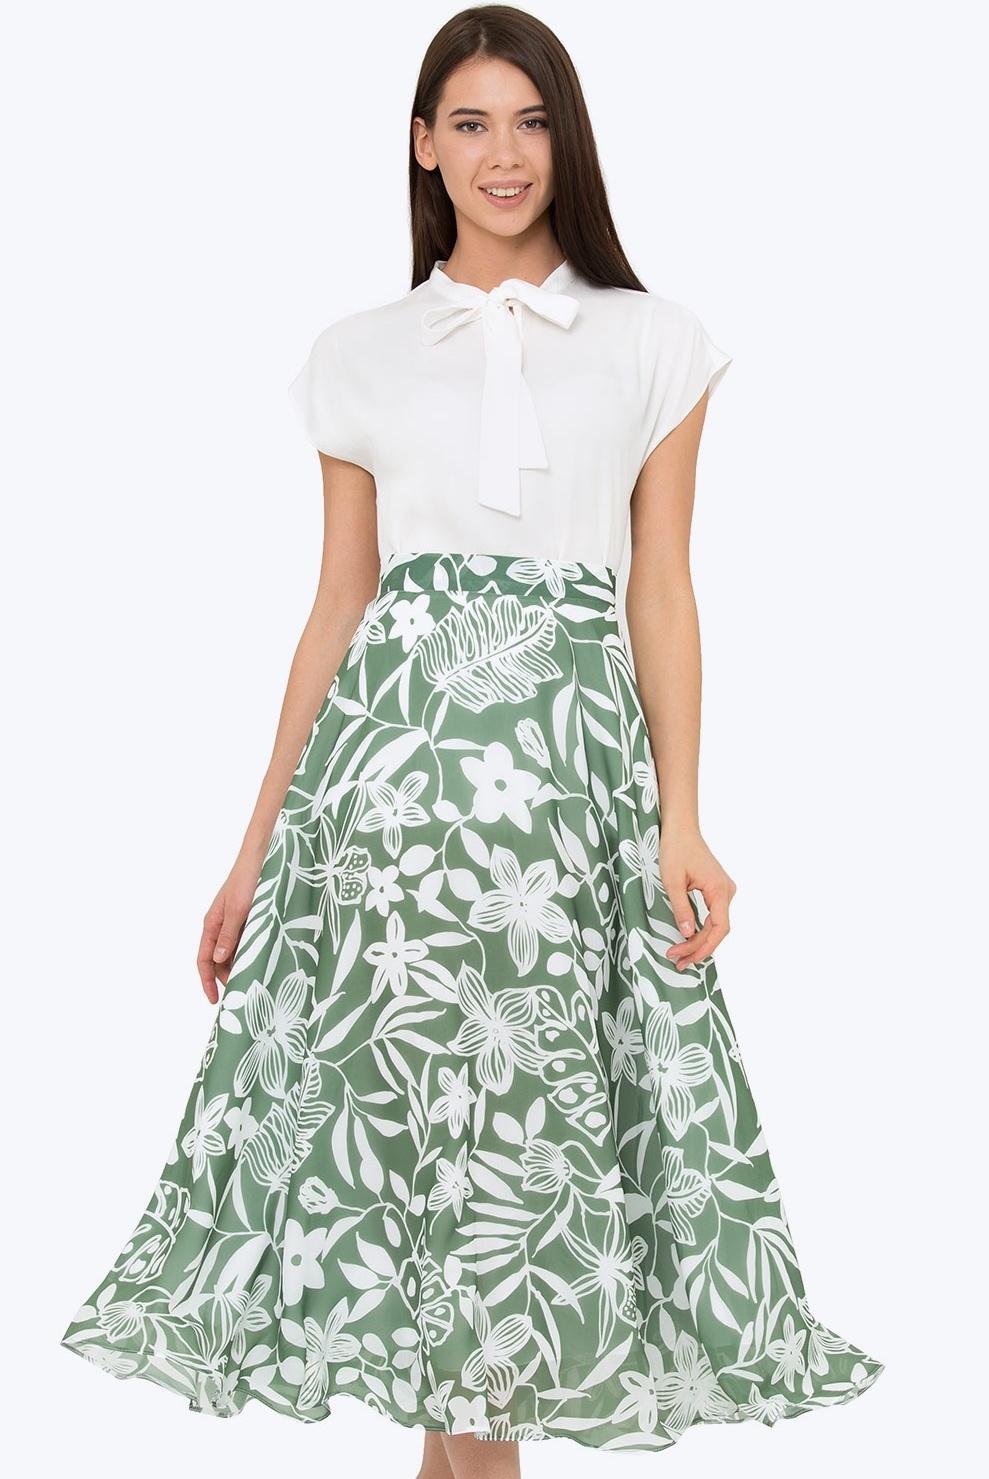 Недорогие юбки интернет магазин доставка